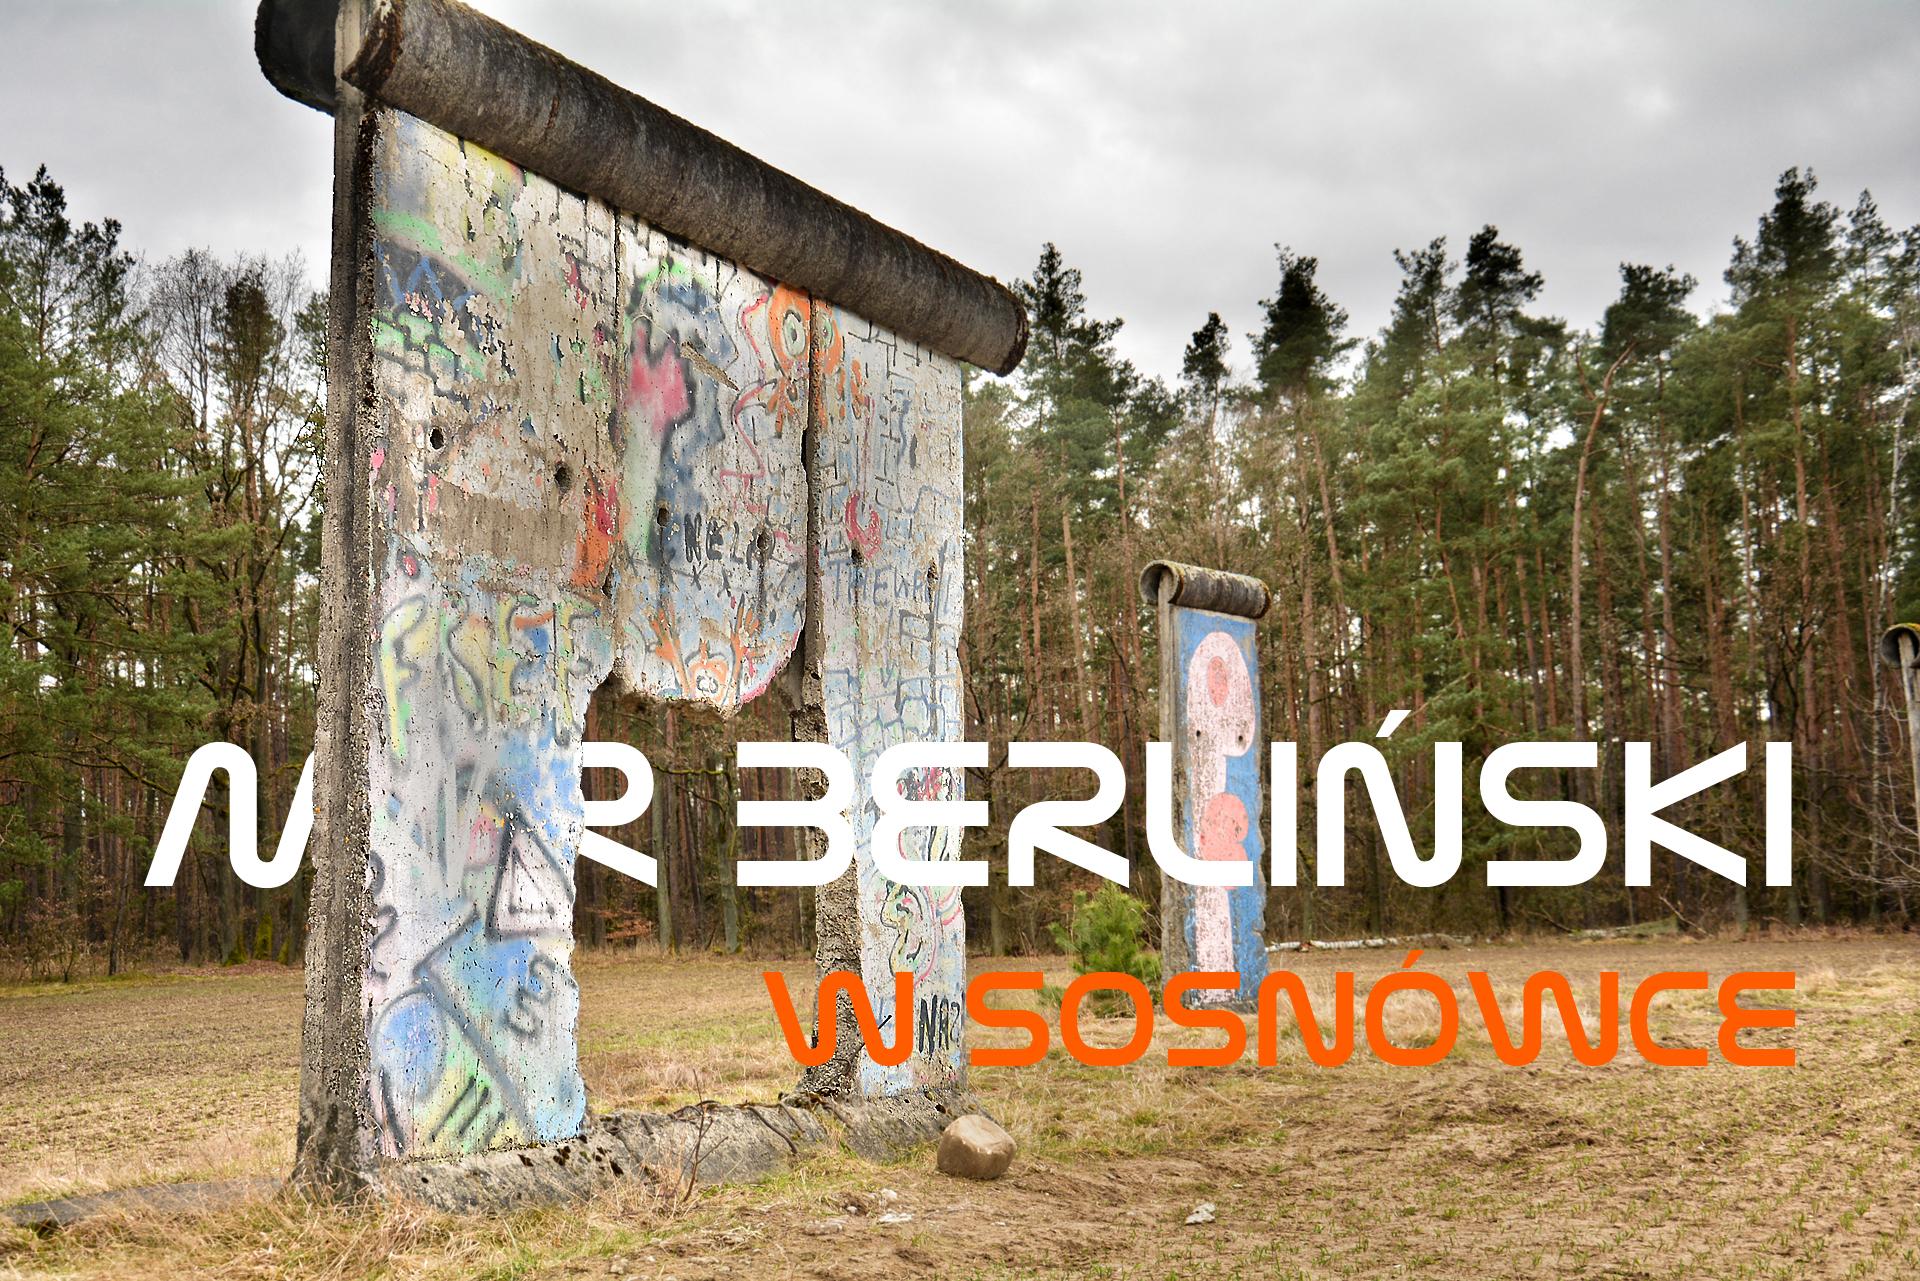 Mur Berliński w Sosnówce koło Twardogóry